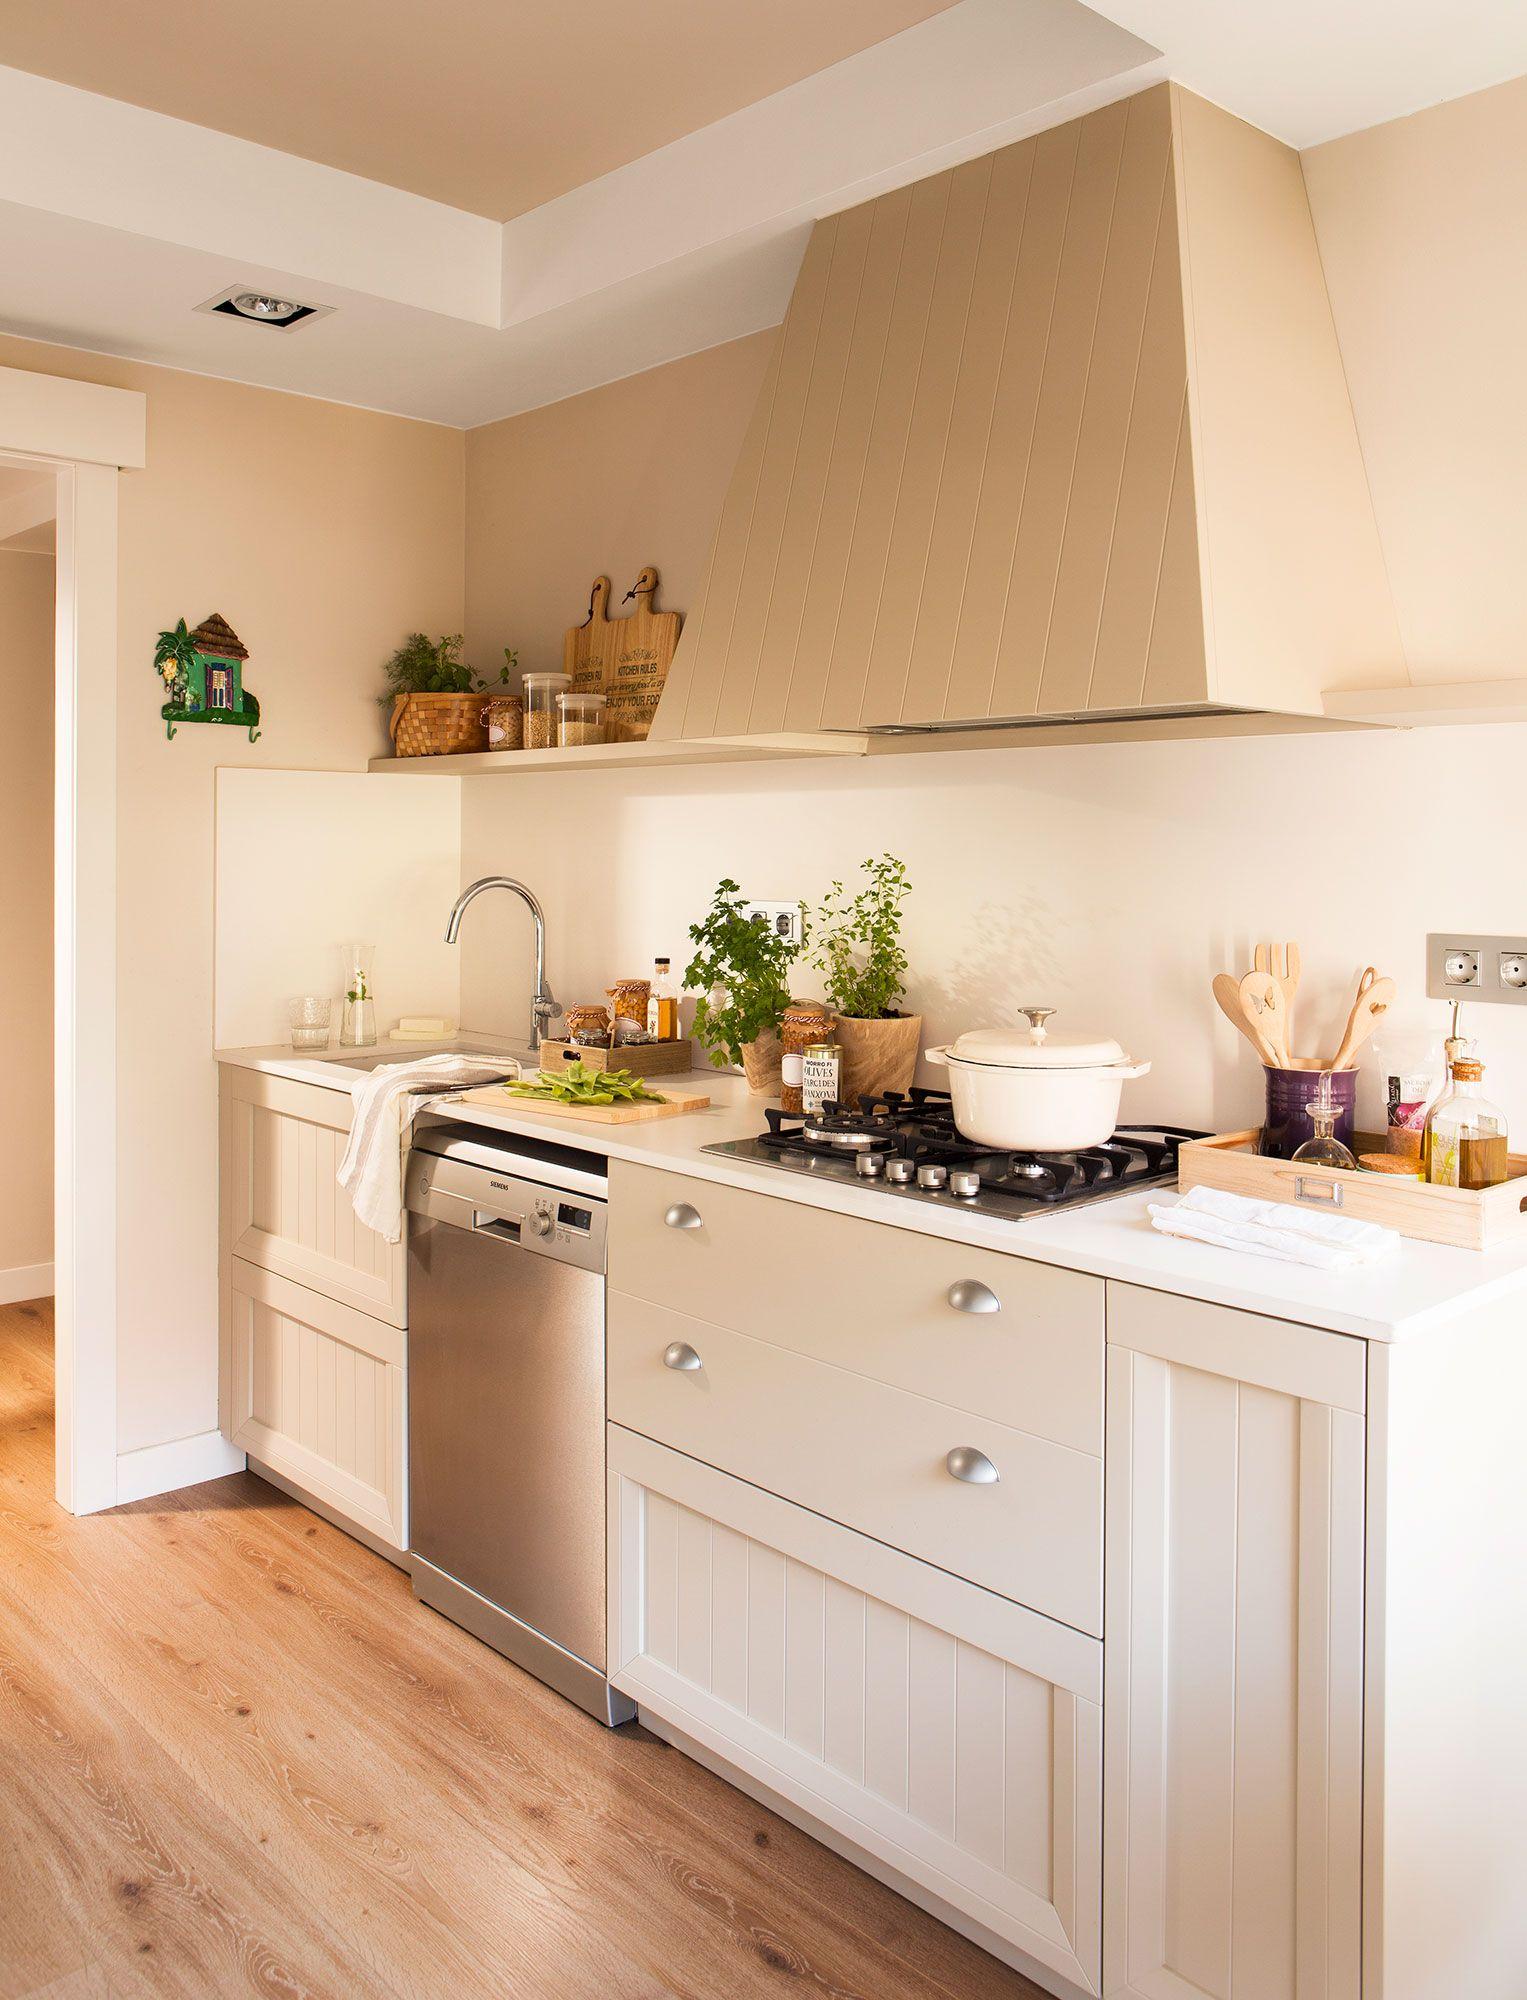 Cocina barra el mueble 00450032 cocina peque a el for El mueble cocinas pequenas